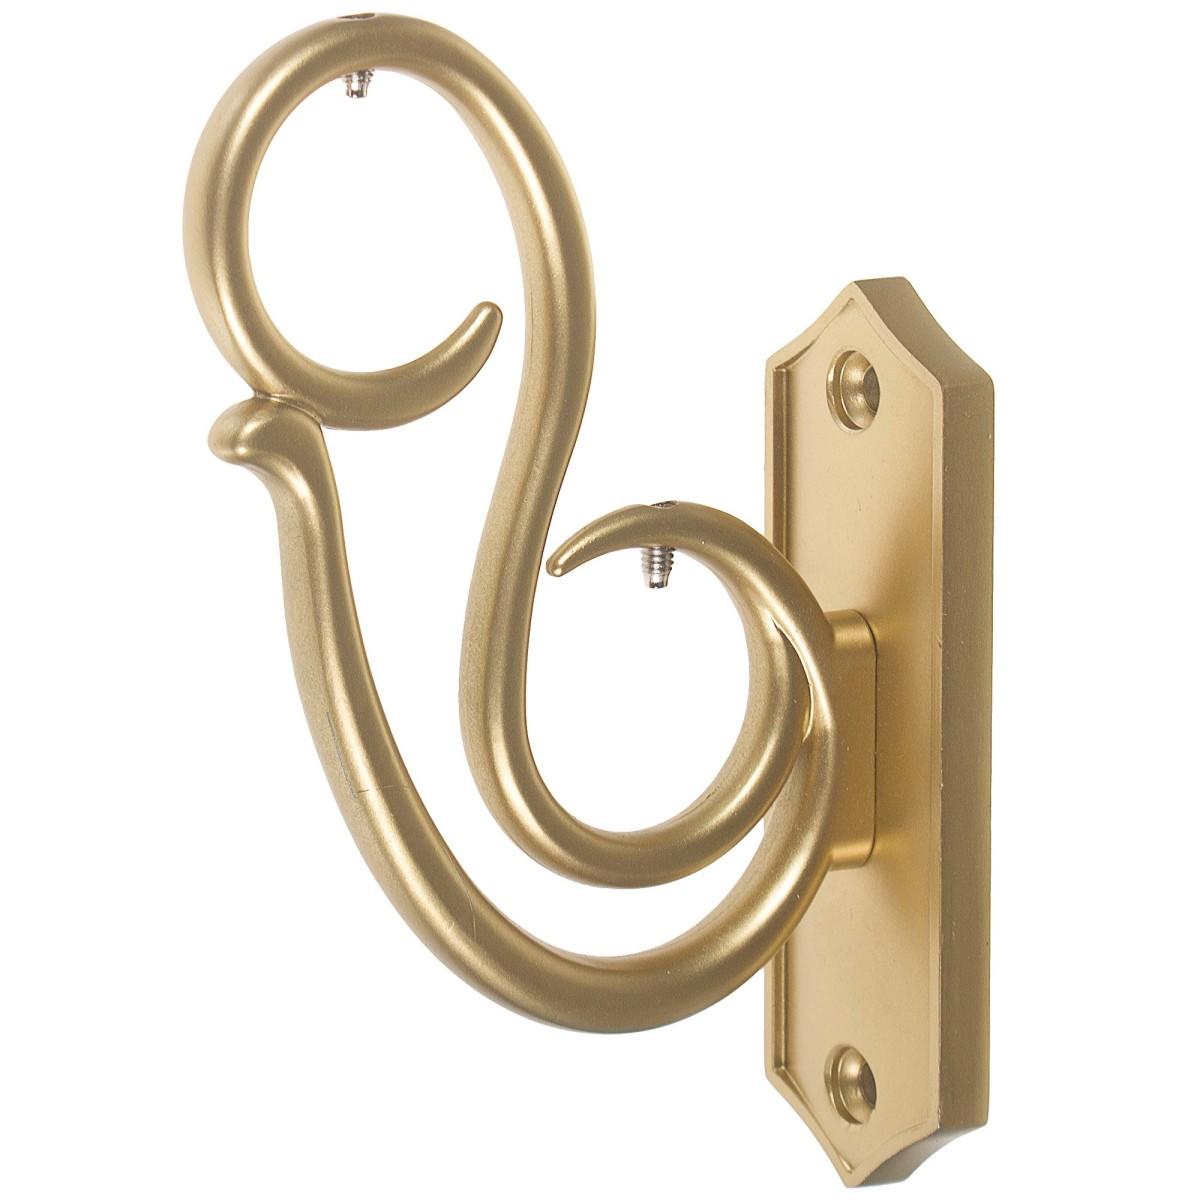 Держатель двухрядный «Завиток» 7 см цвет золото матовое